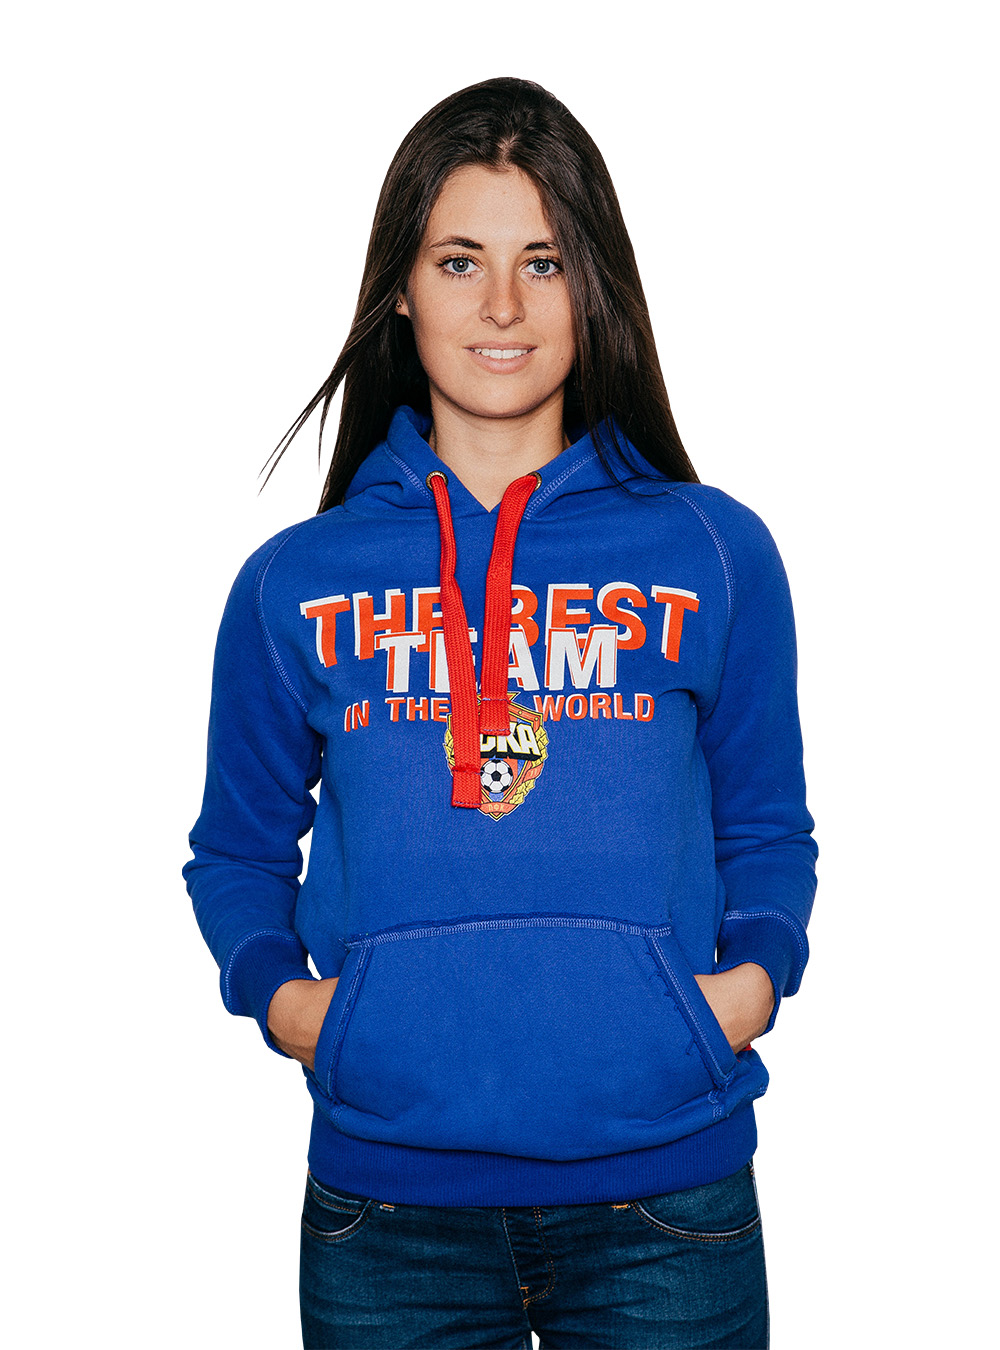 Толстовка женская THE BEST TEAM, цвет синий (L)Толстовки женские<br>Толстовка женская THE BEST TEAM, цвет синий<br>